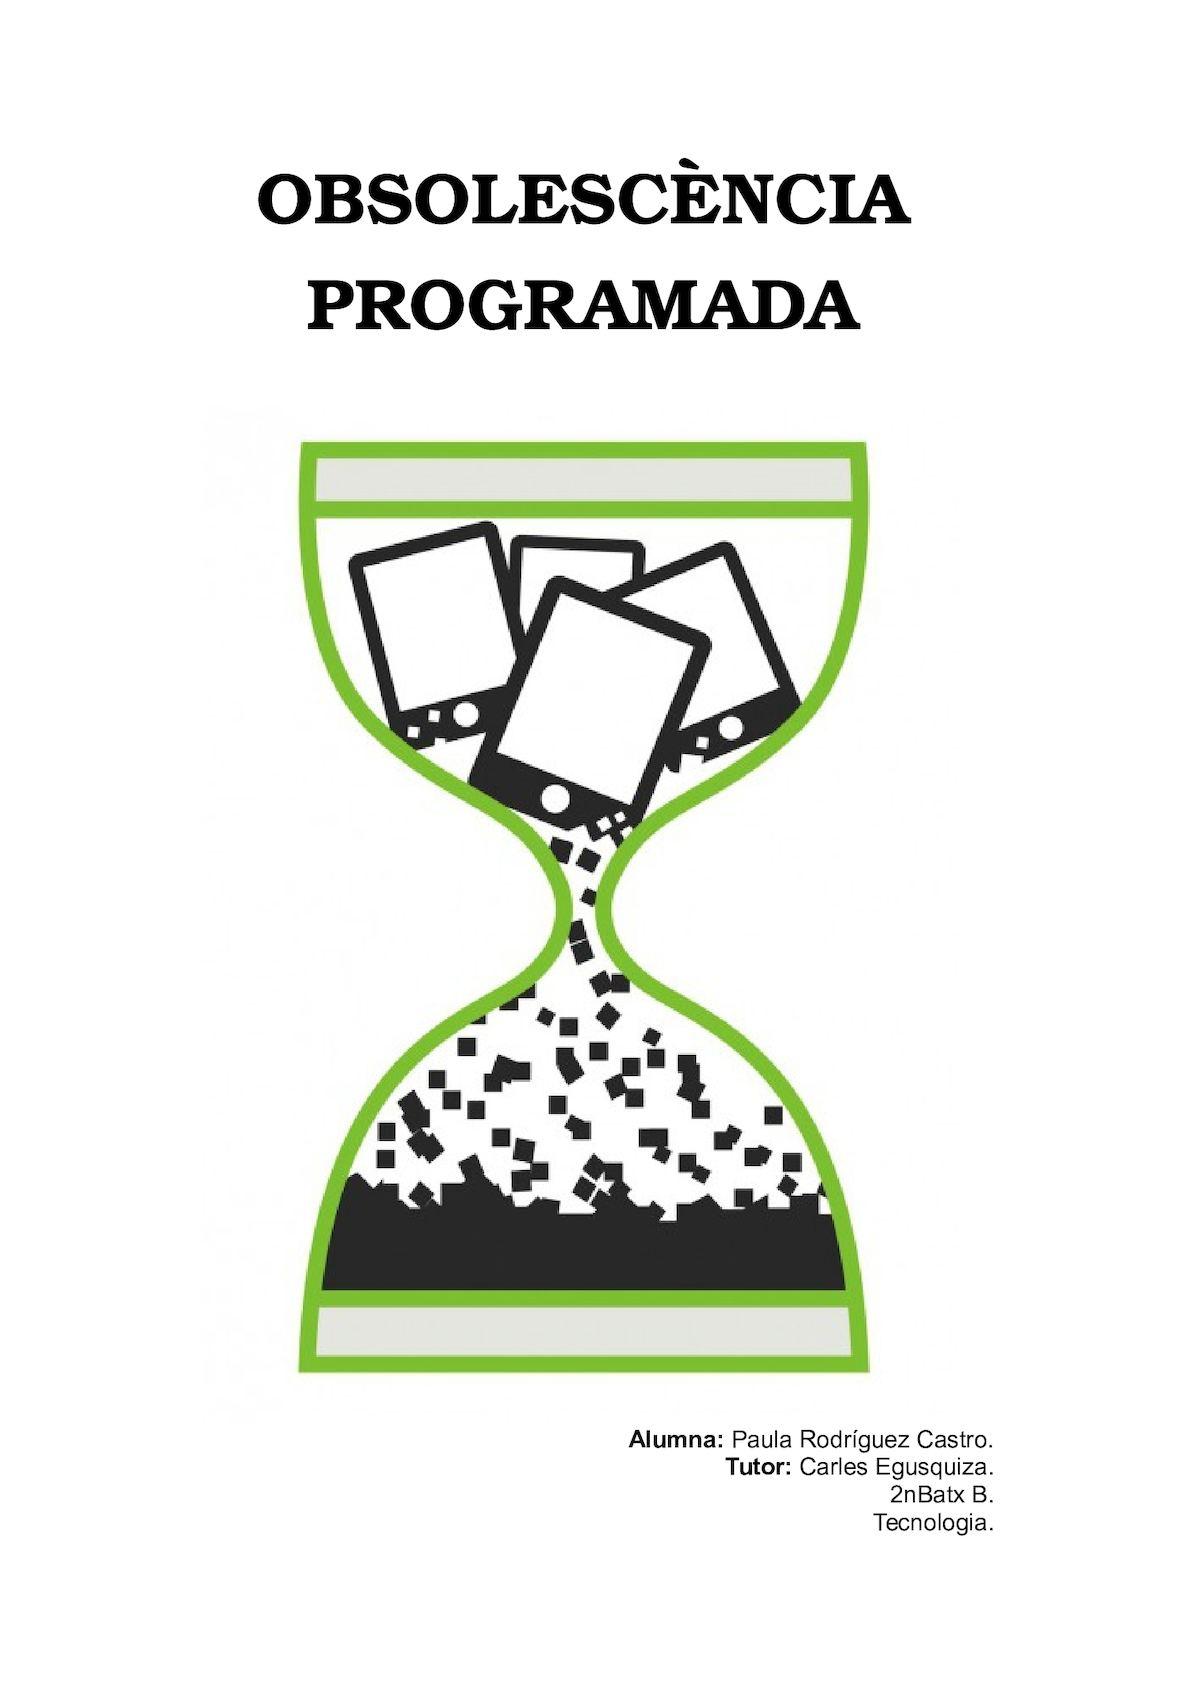 Obsolescència programada